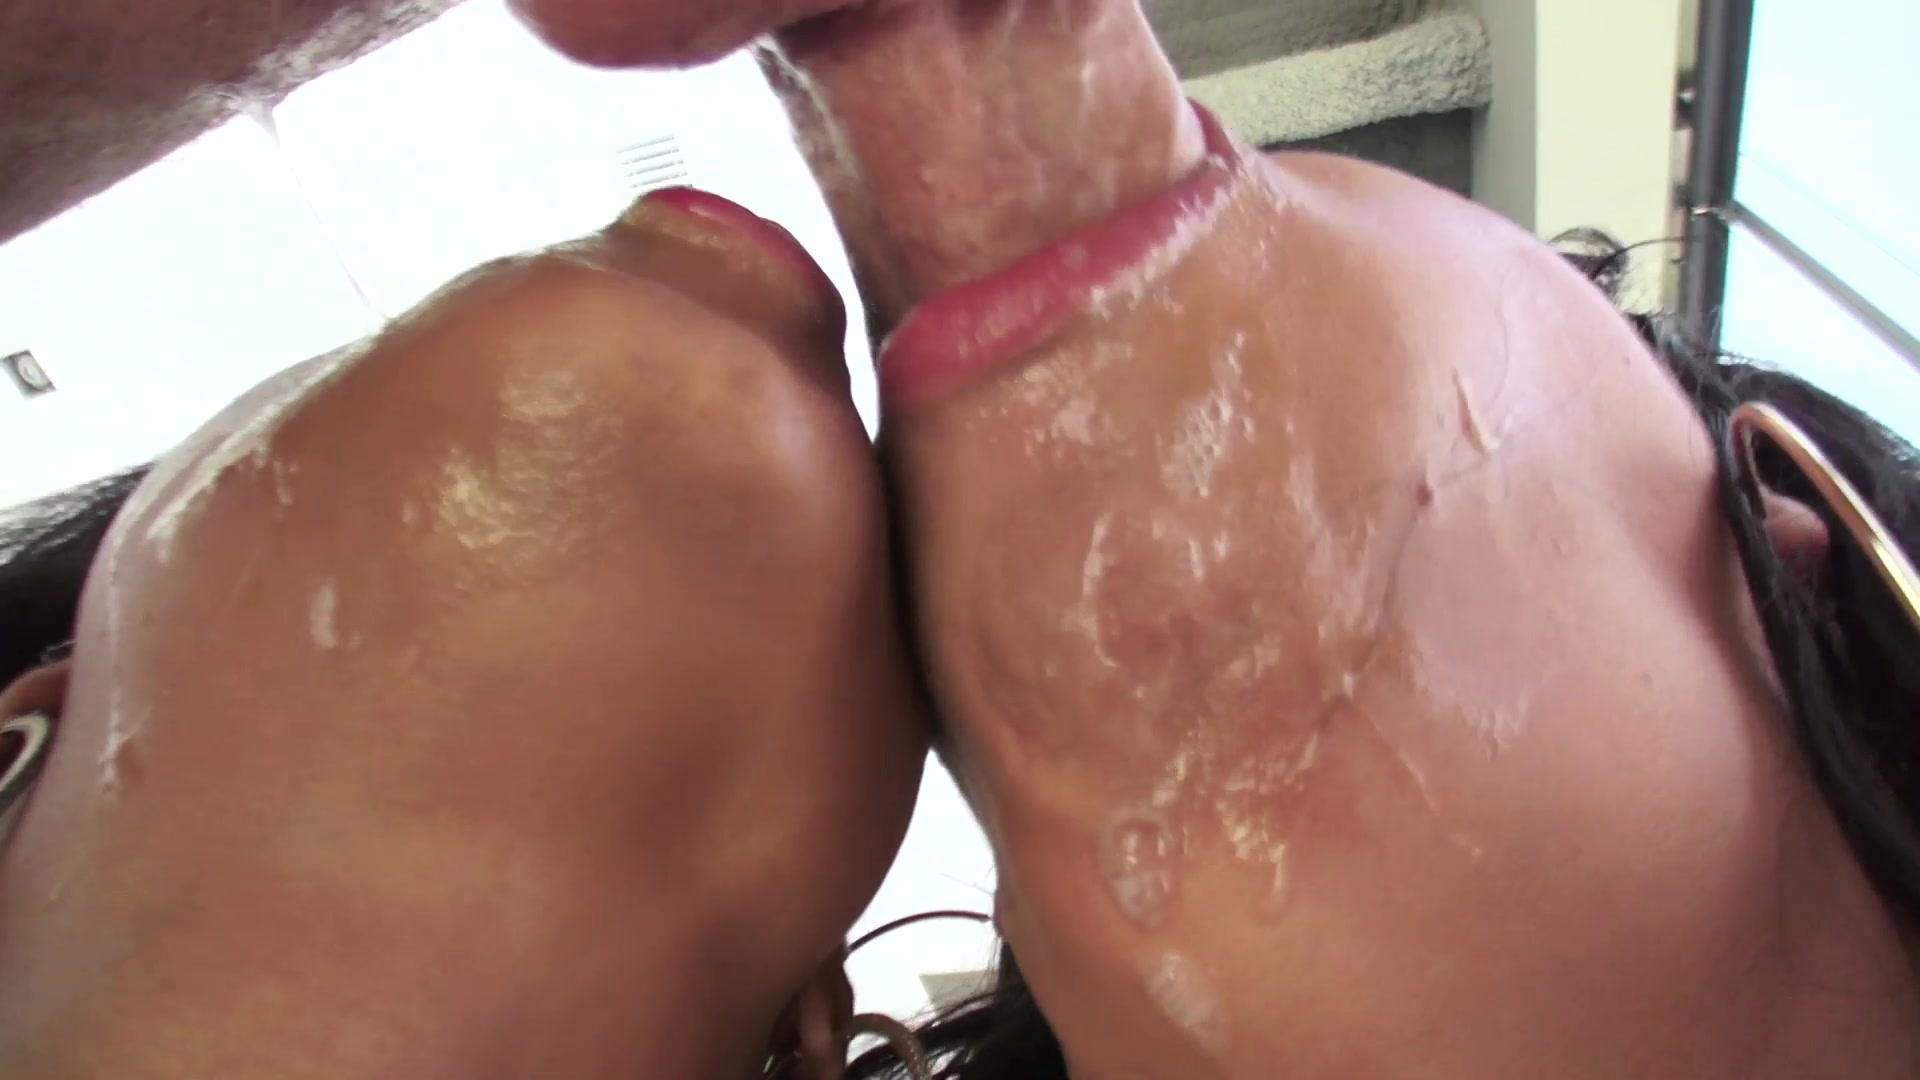 Free mobile male mutual masturbation porn